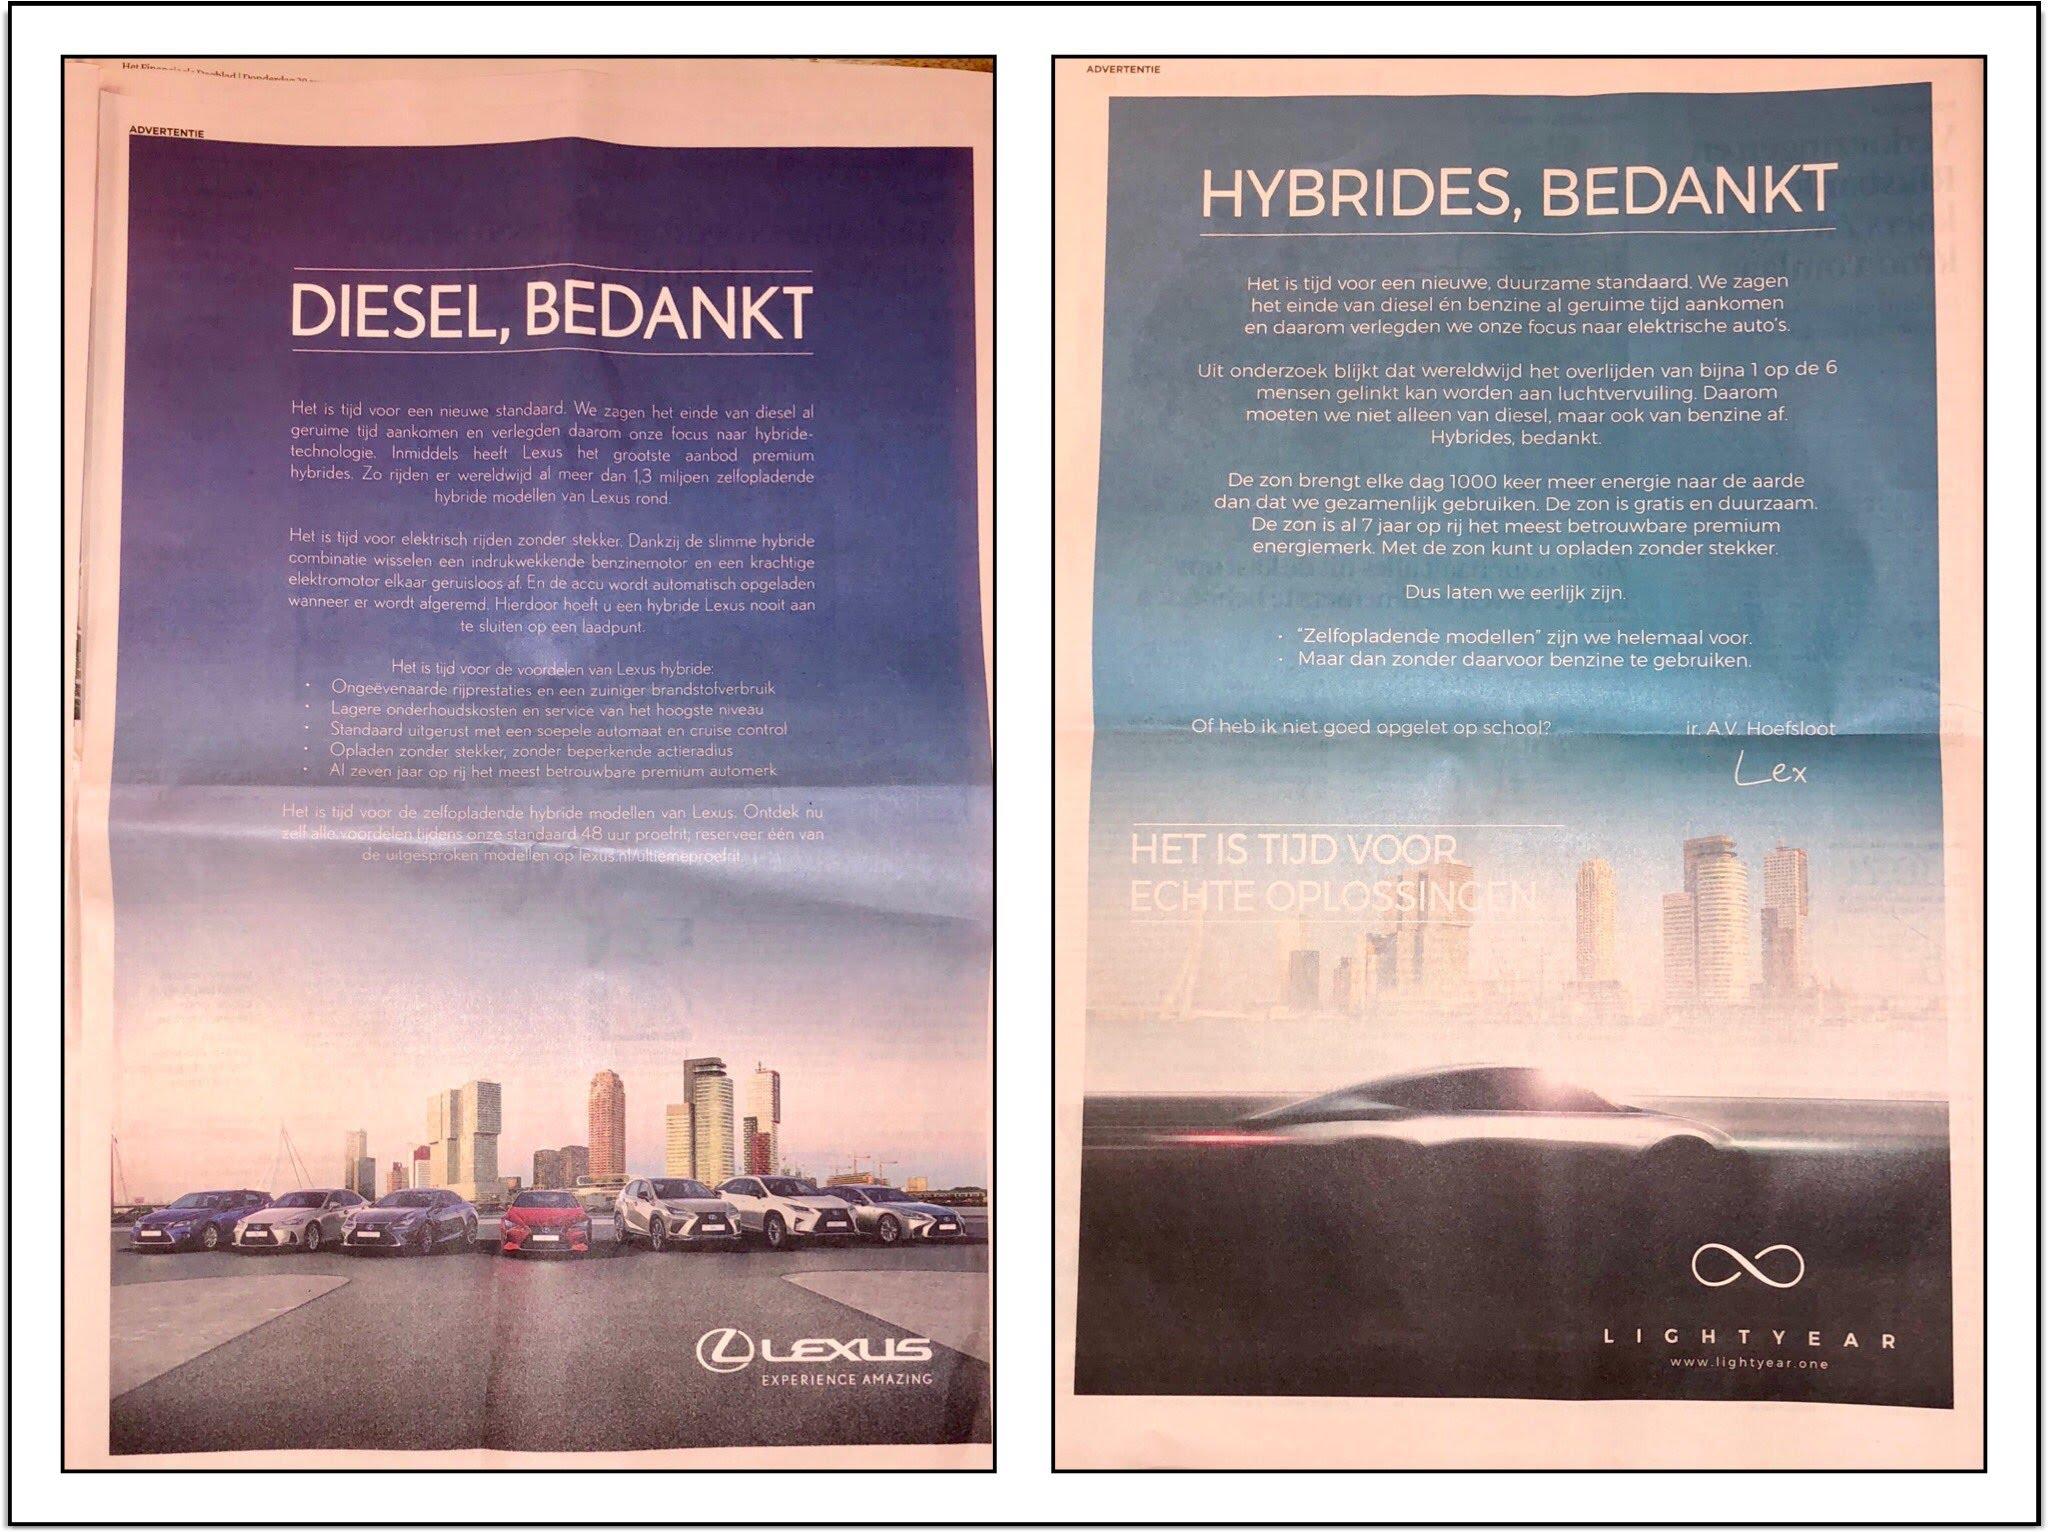 Lightyear Plaagt Lexus Met Advertentie De Ingenieur